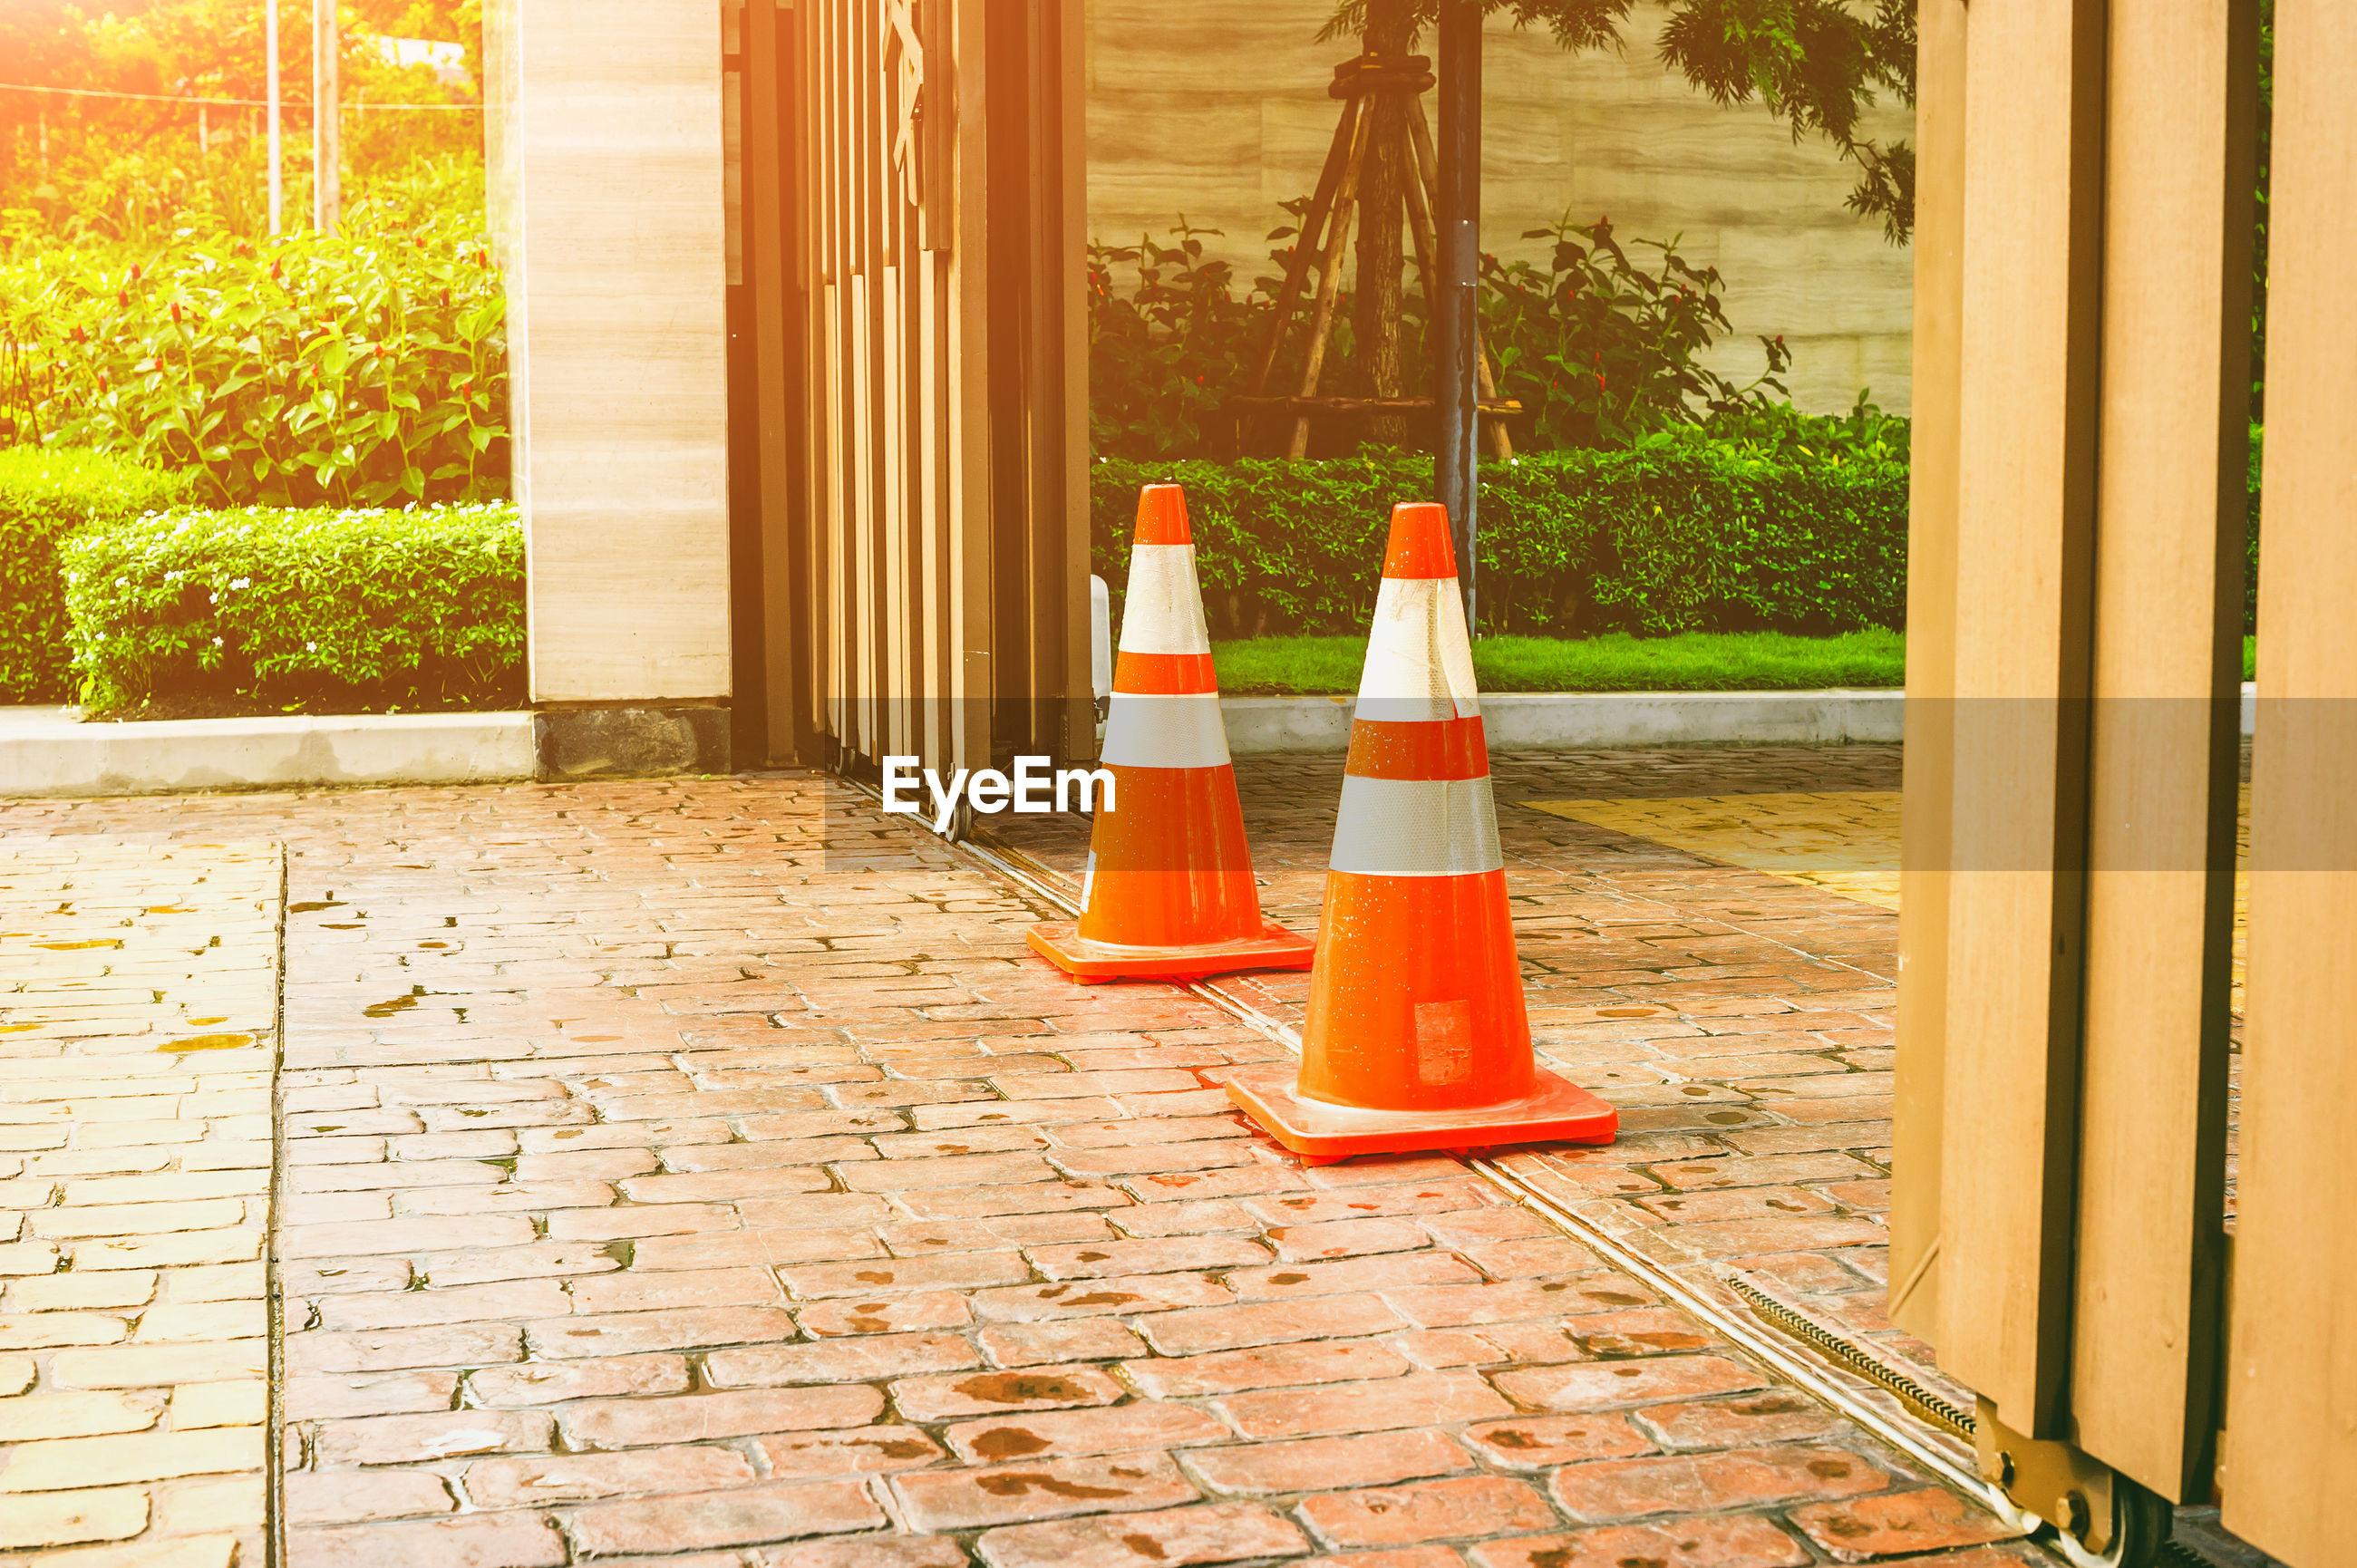 Traffic cones on footpath